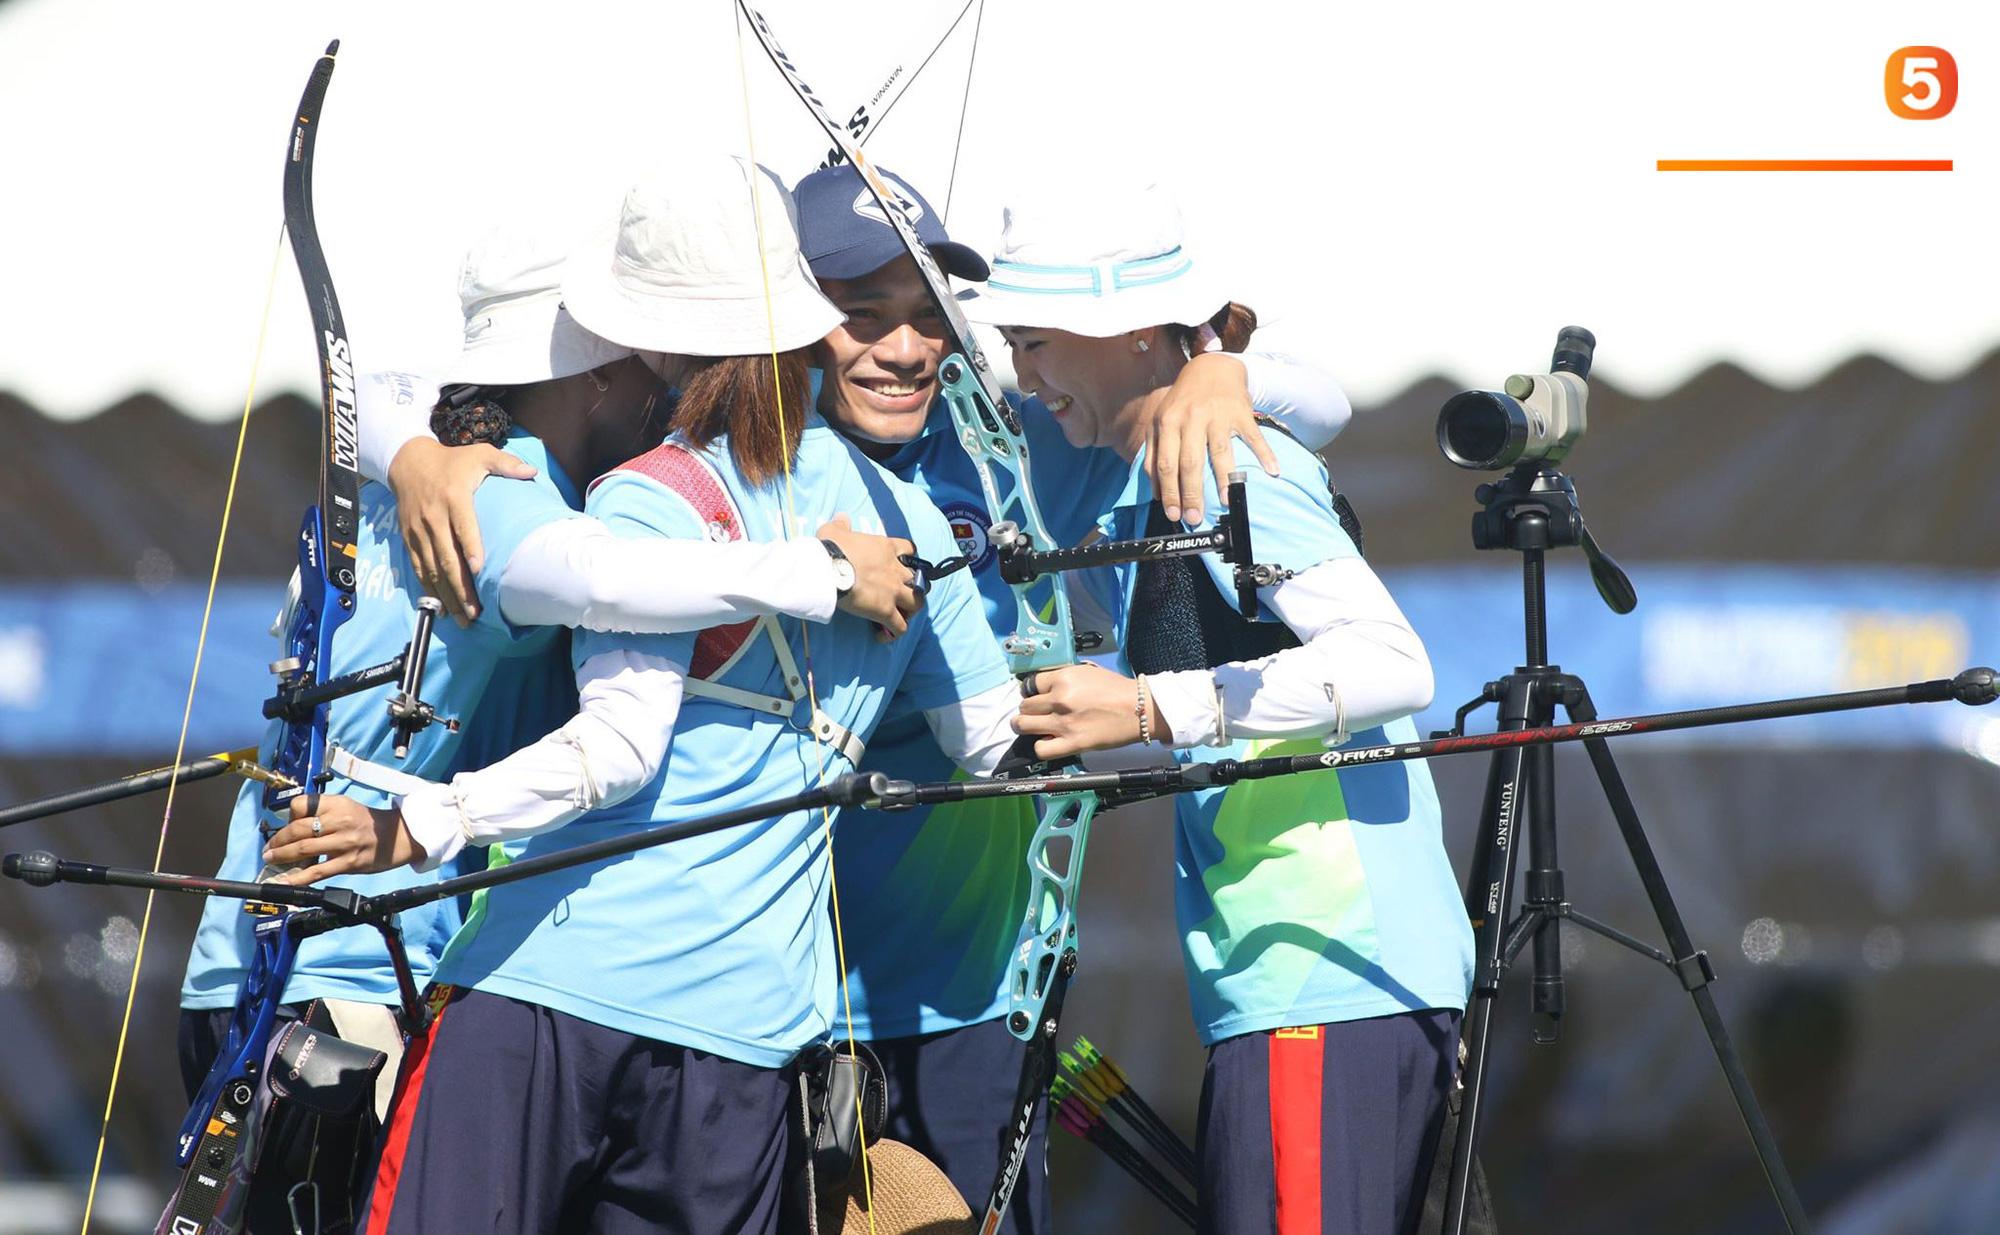 SEA Games ngày 8/12: Nữ hoàng điền kinh Tú Chinh vượt 2 VĐV nhập tịch trong tích tắc, xuất sắc giành HCV chung cuộc - Ảnh 63.